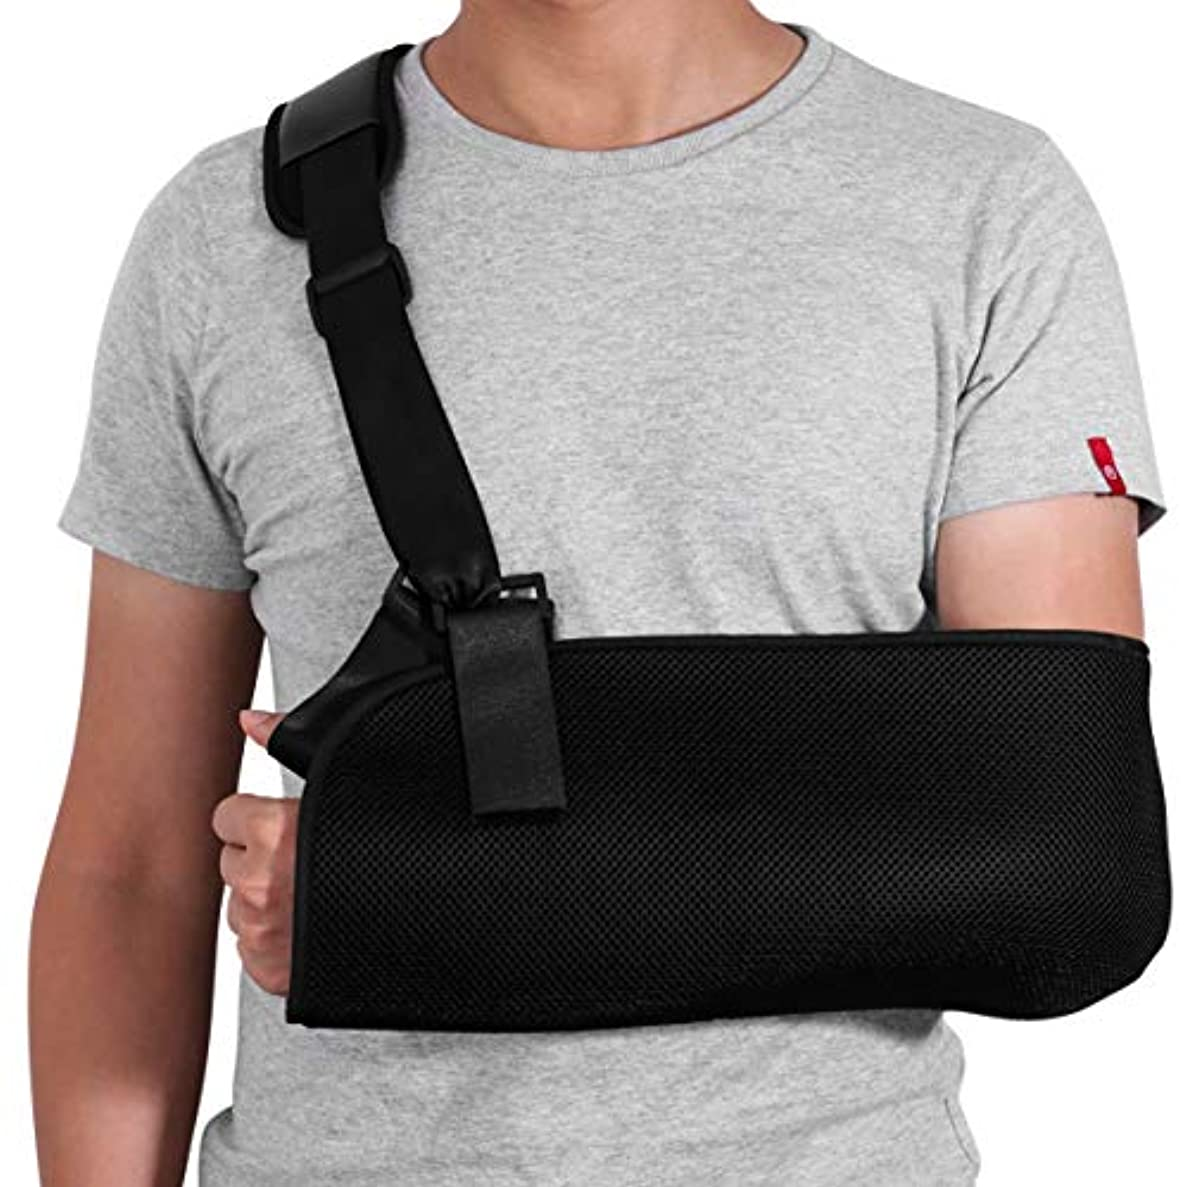 所持機械遺跡Healifty アームスリングメディカルサポートストラップショルダーブレース肘サポート骨折した骨折した腕2ピース